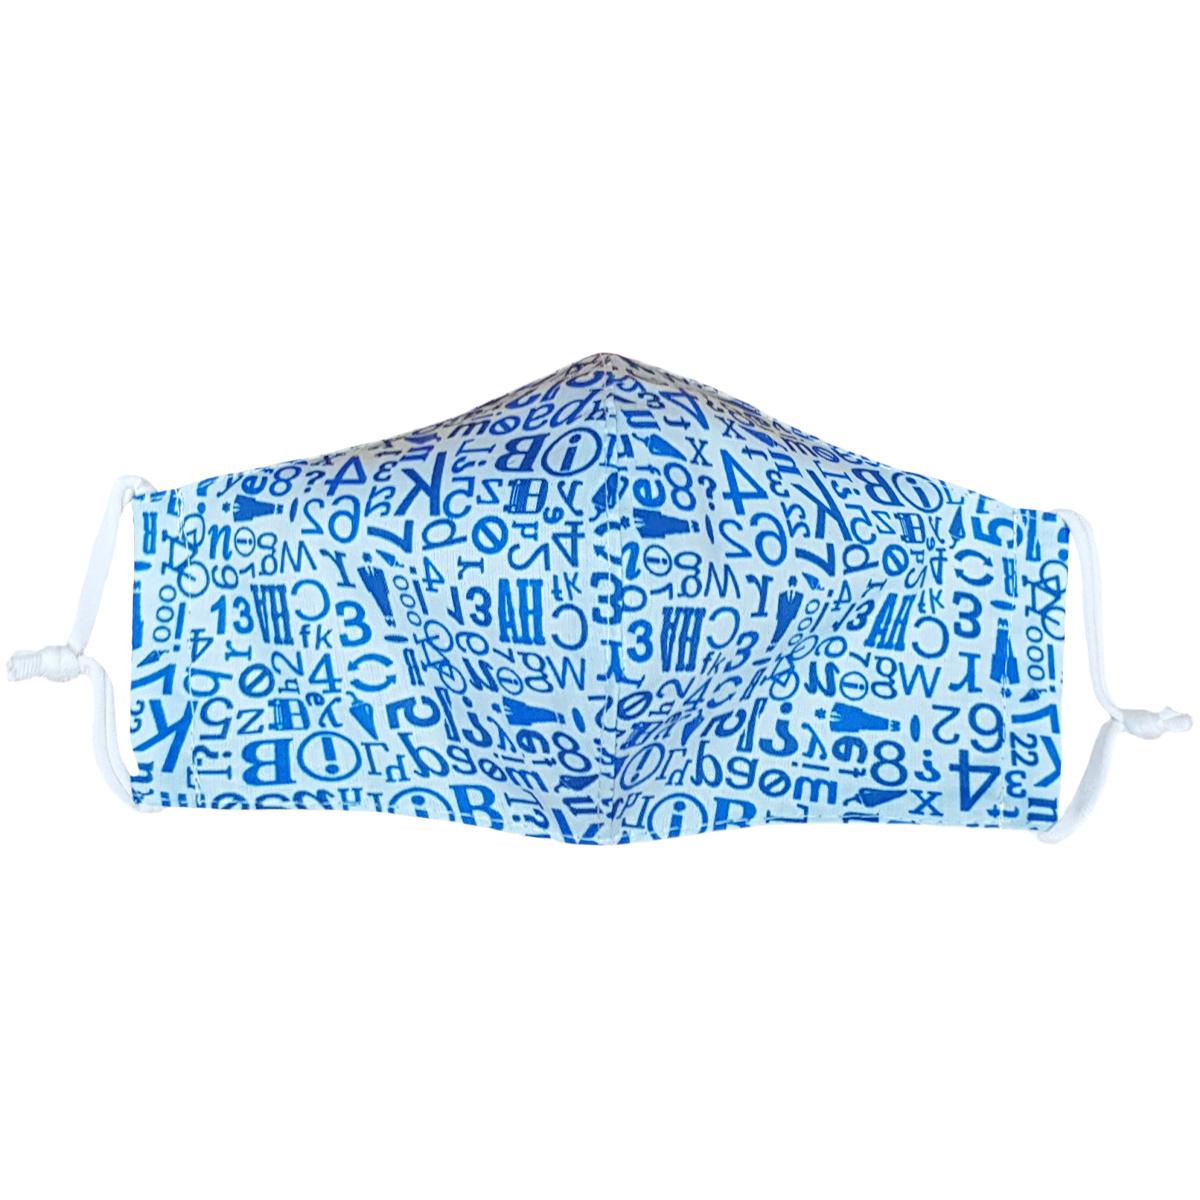 Mască facială din bumbac Litere albastru copii 3 - 6 ani imagine 2021 e4home.ro